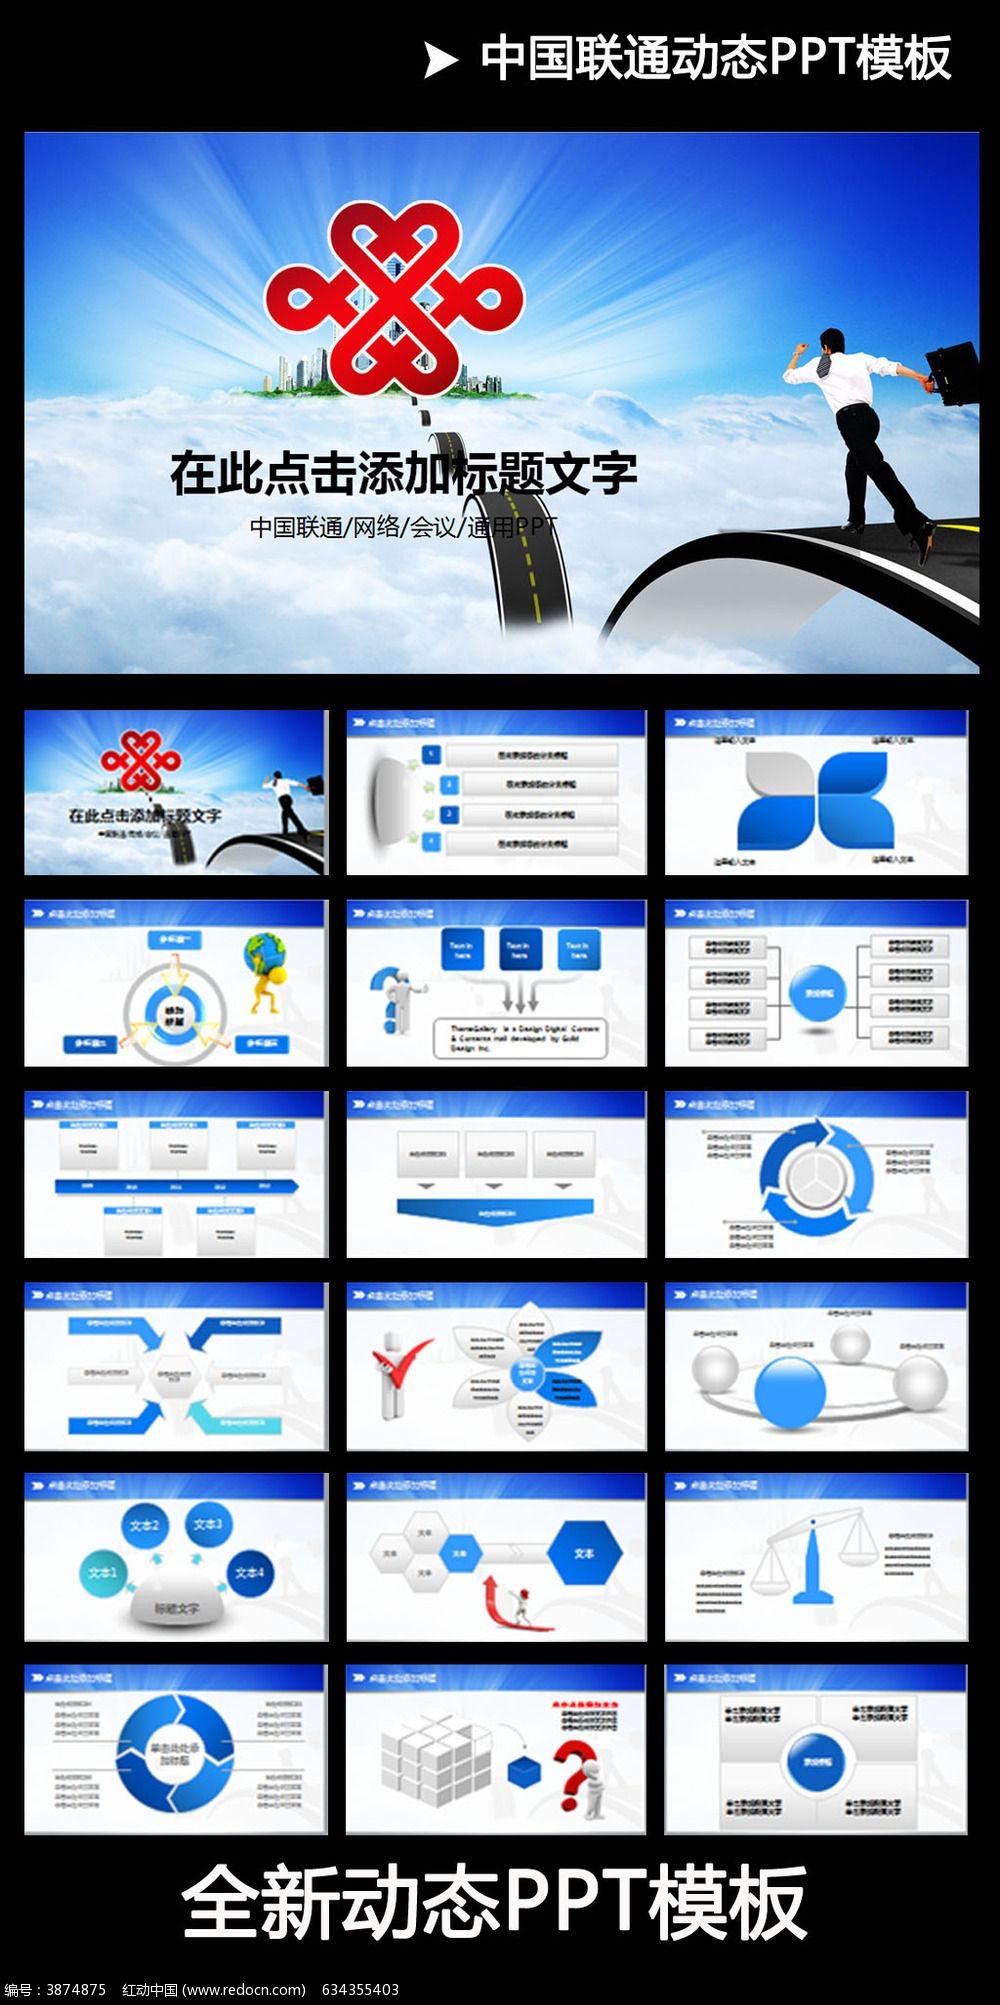 中国联通动态ppt模板pptx素材下载_政府党建ppt设计